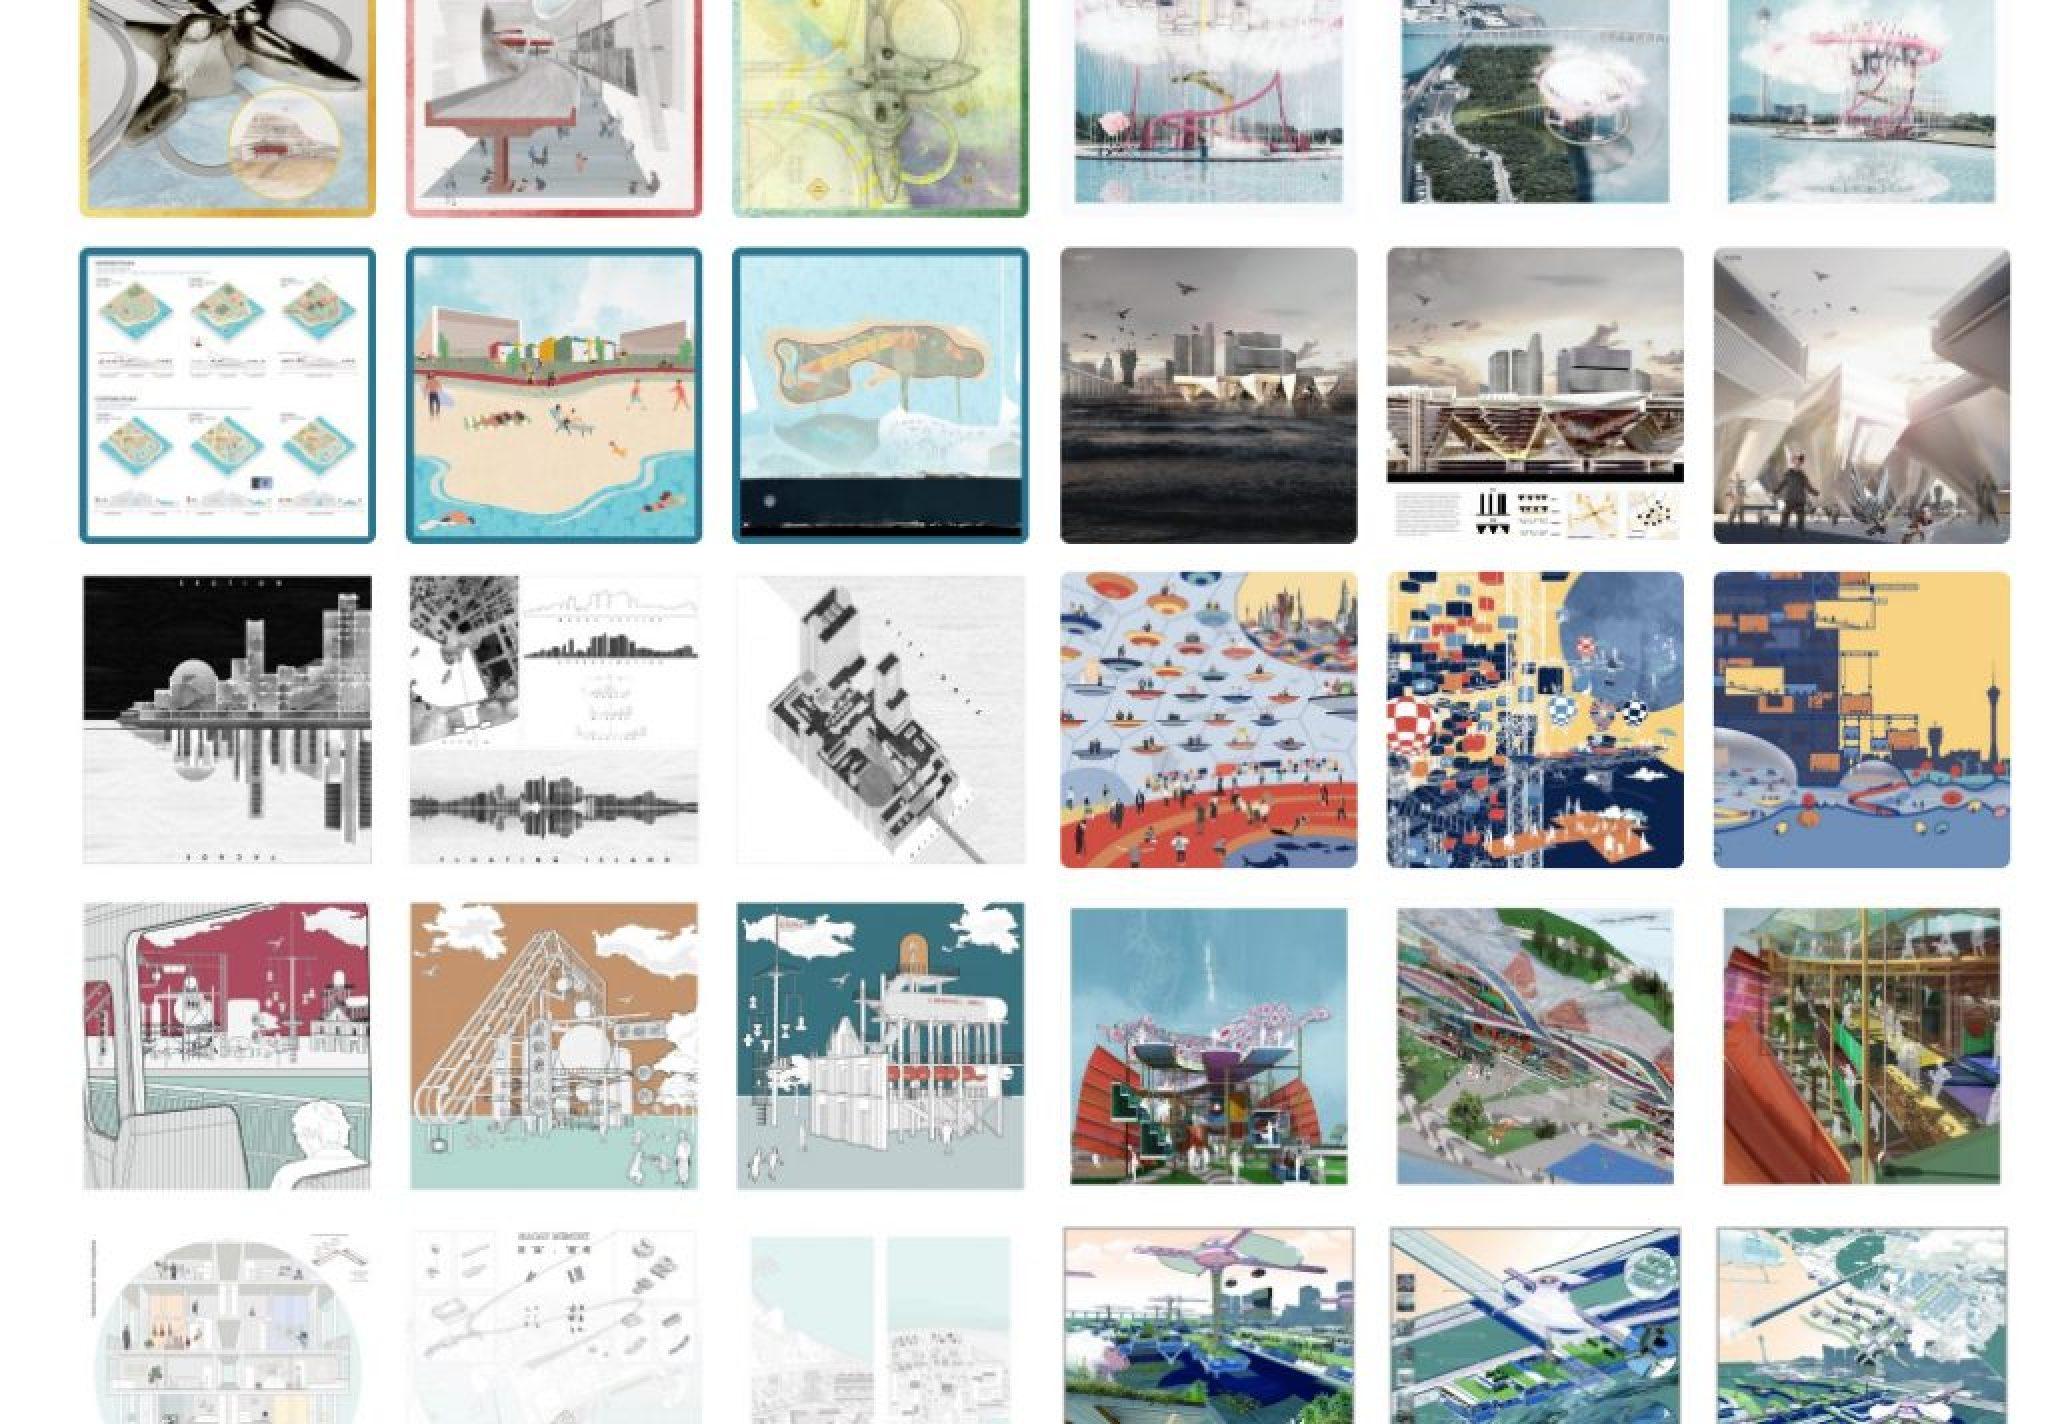 snapshot of entries